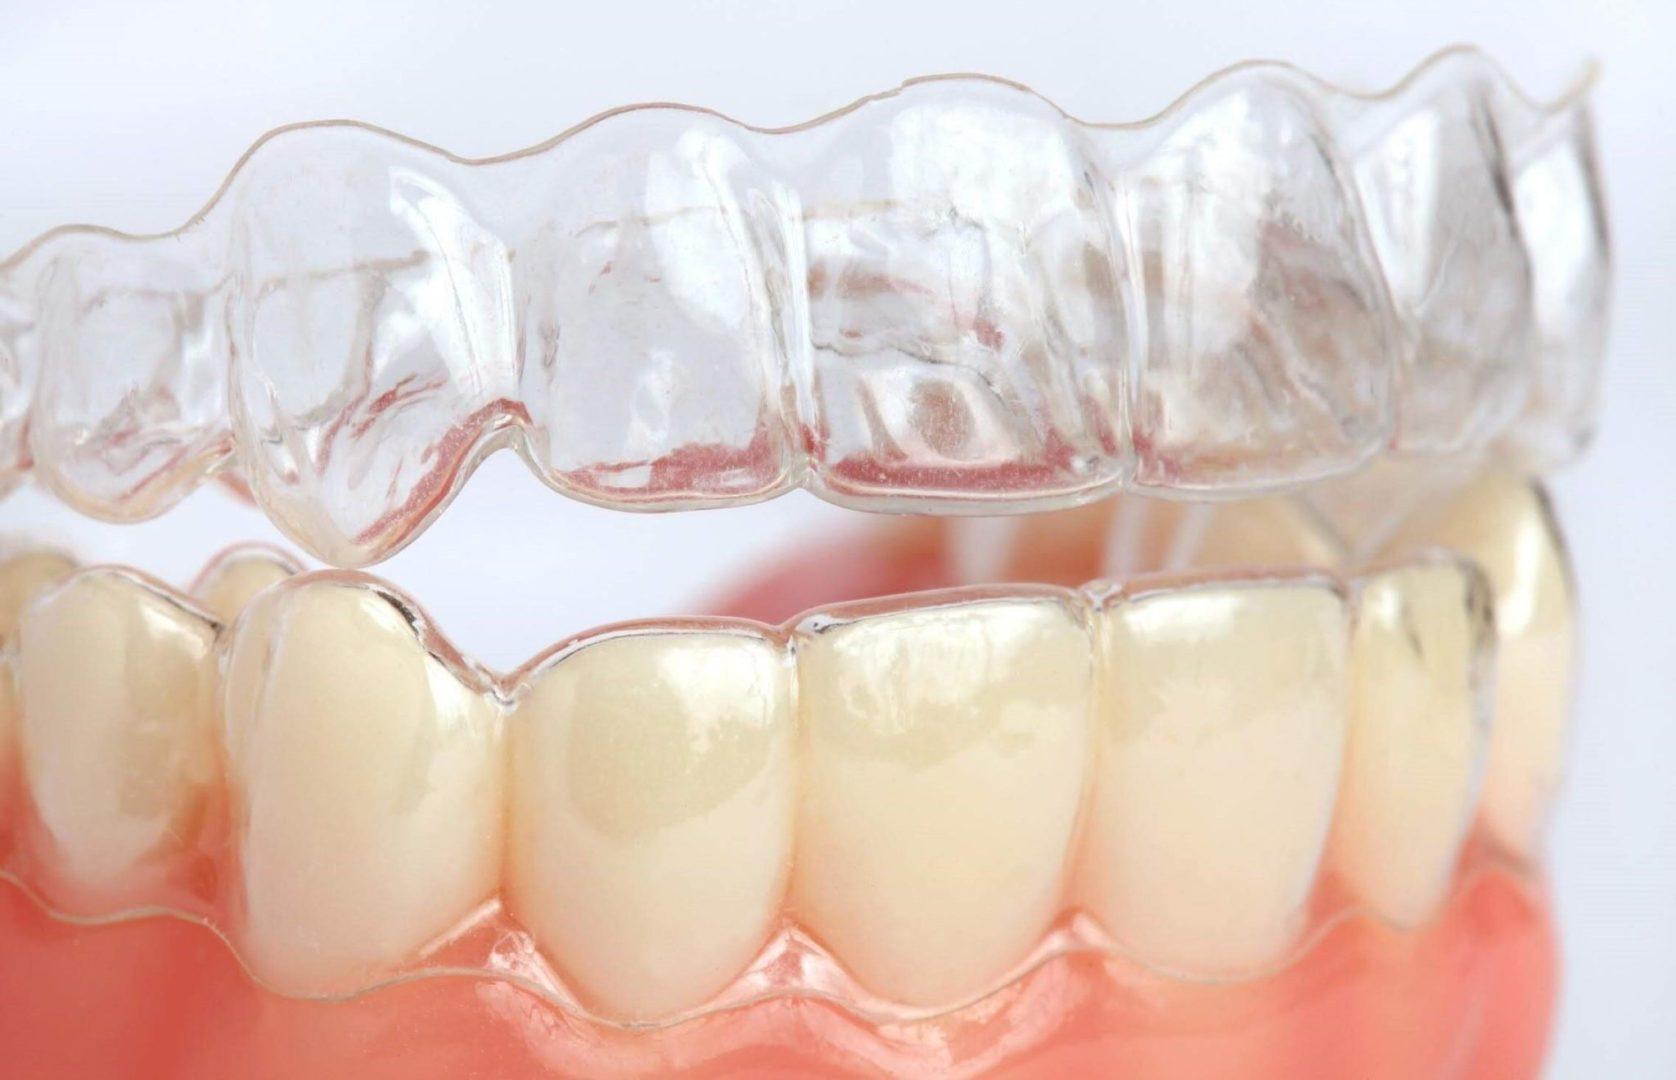 Преимущества и недостатки кап для выравнивания зубов, этапы лечения | 3